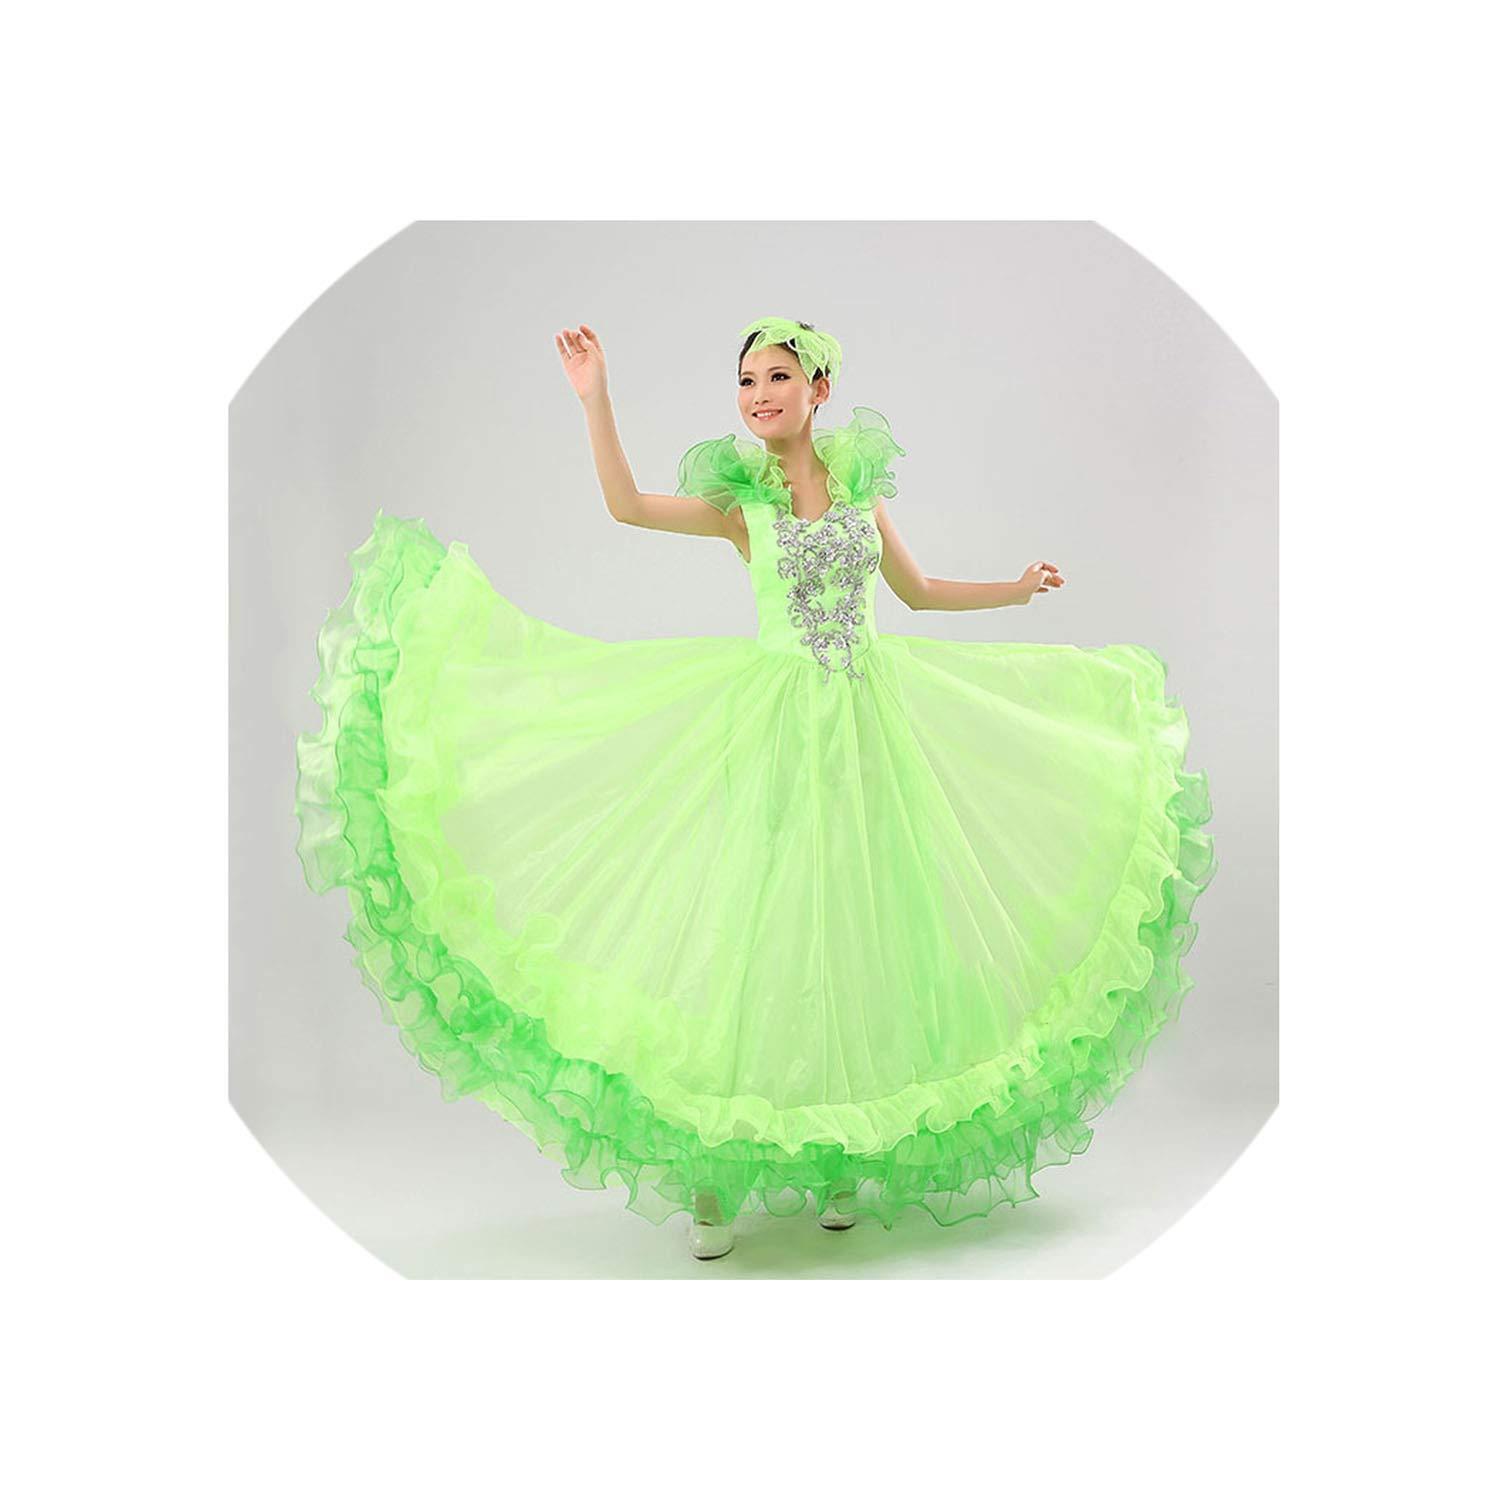 Bullfight Belly 540 Degree Dance Dress Skirt Long Robe Flamenco Skirts Dresses for Women Girls,6,S by Colourful Day Dance Dress